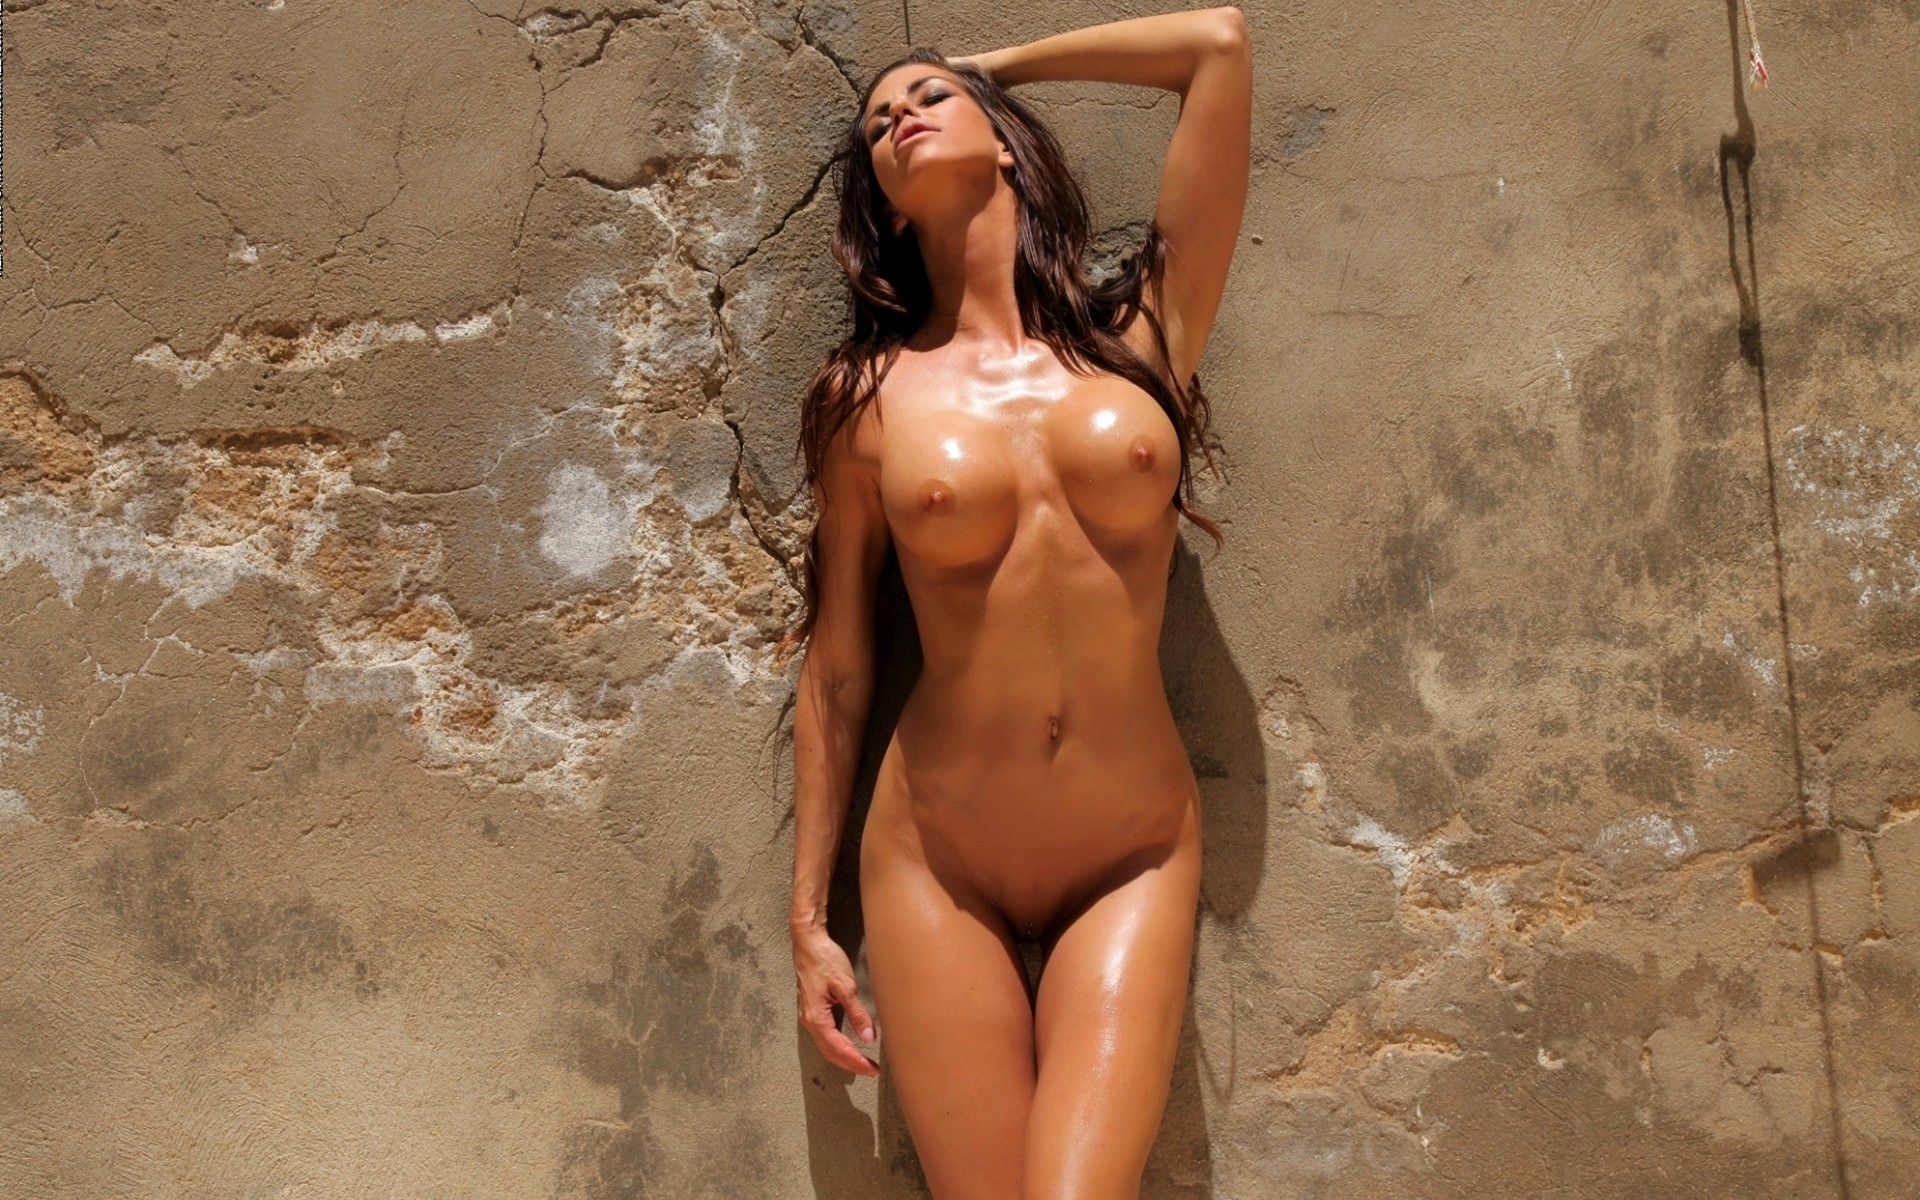 Фото голая девушка hd, Фото голых красивых девушек. Бесплатные откровенные 11 фотография